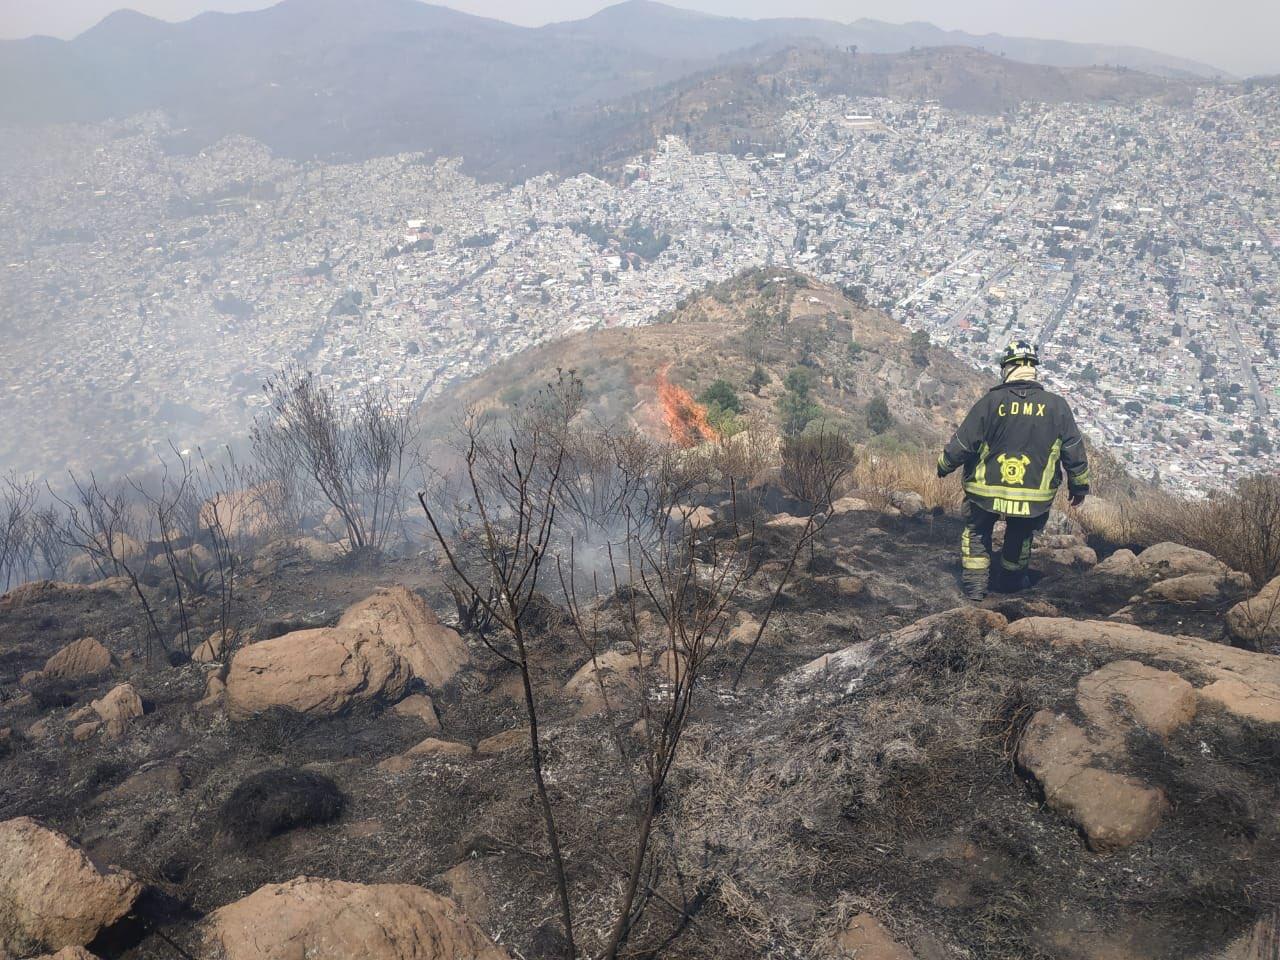 incendio cerro chiquihuite 1